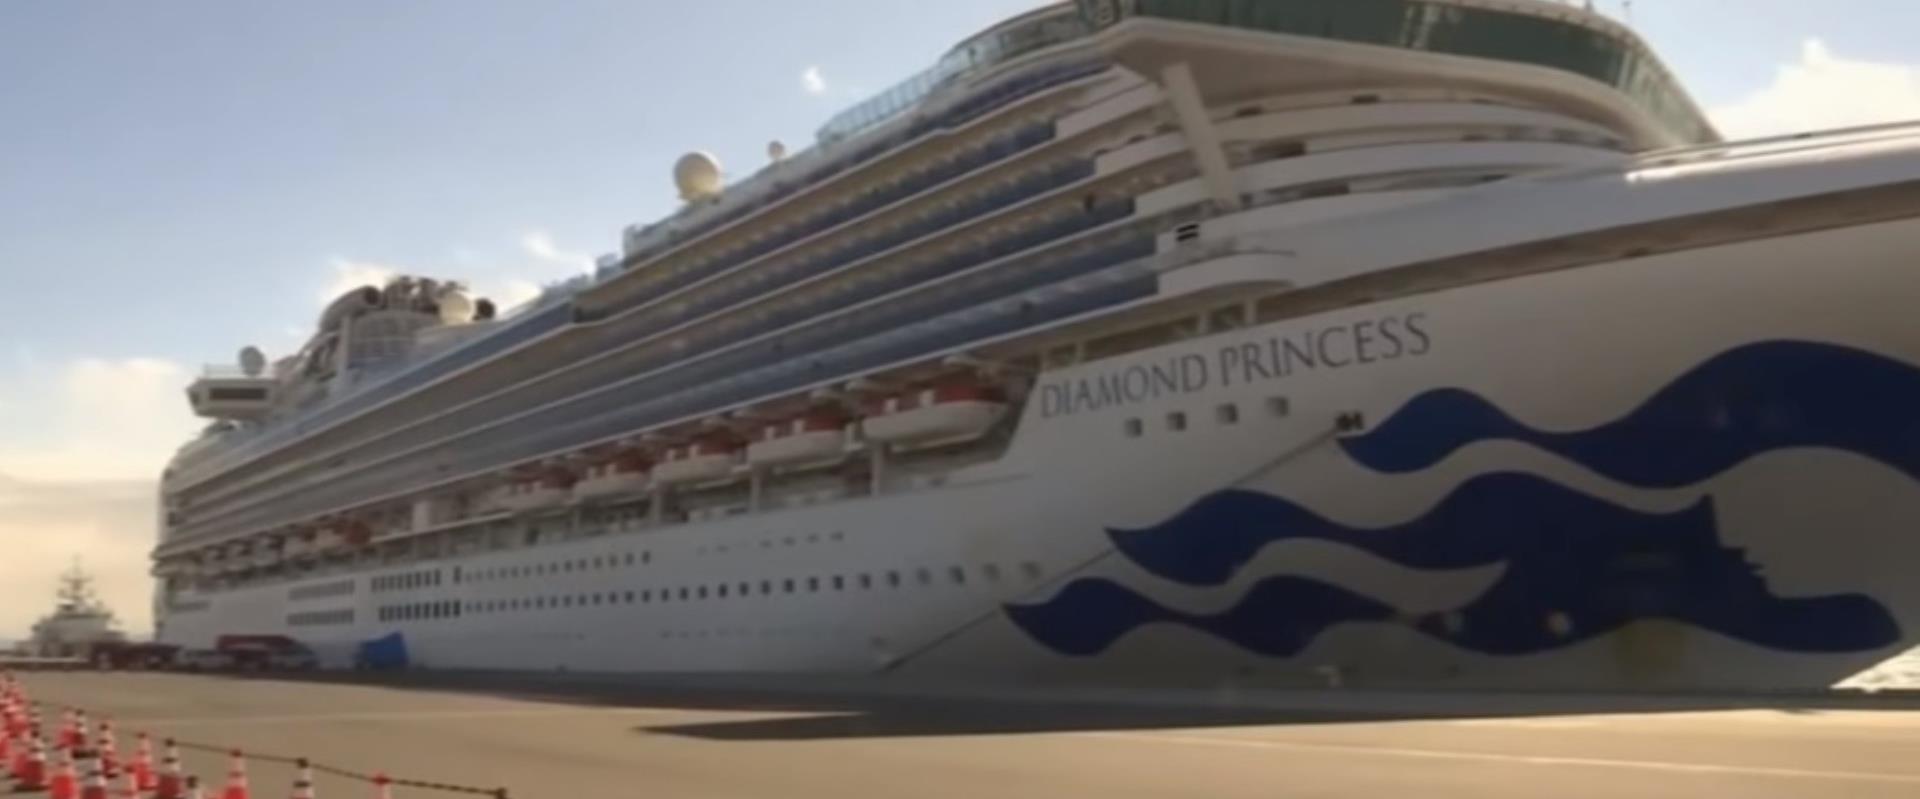 """ספינת התעונוגות """"דיימונד פרינסס"""""""